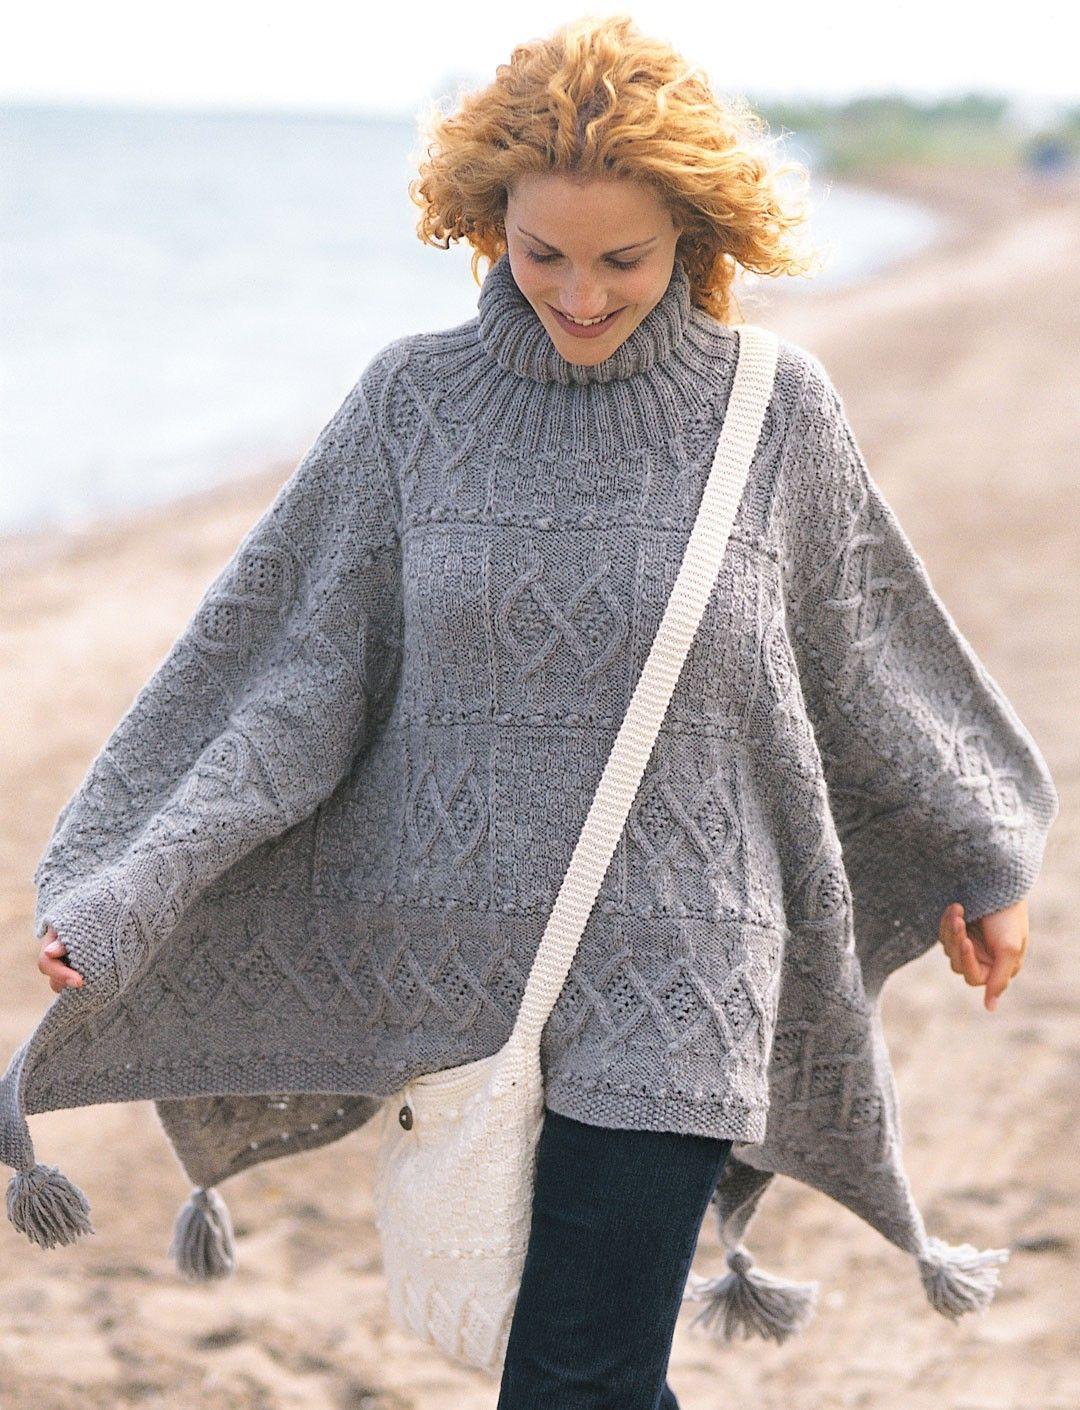 Yarnspirations.com - Patons Blanket Poncho and Bag | Yarnspirations ...